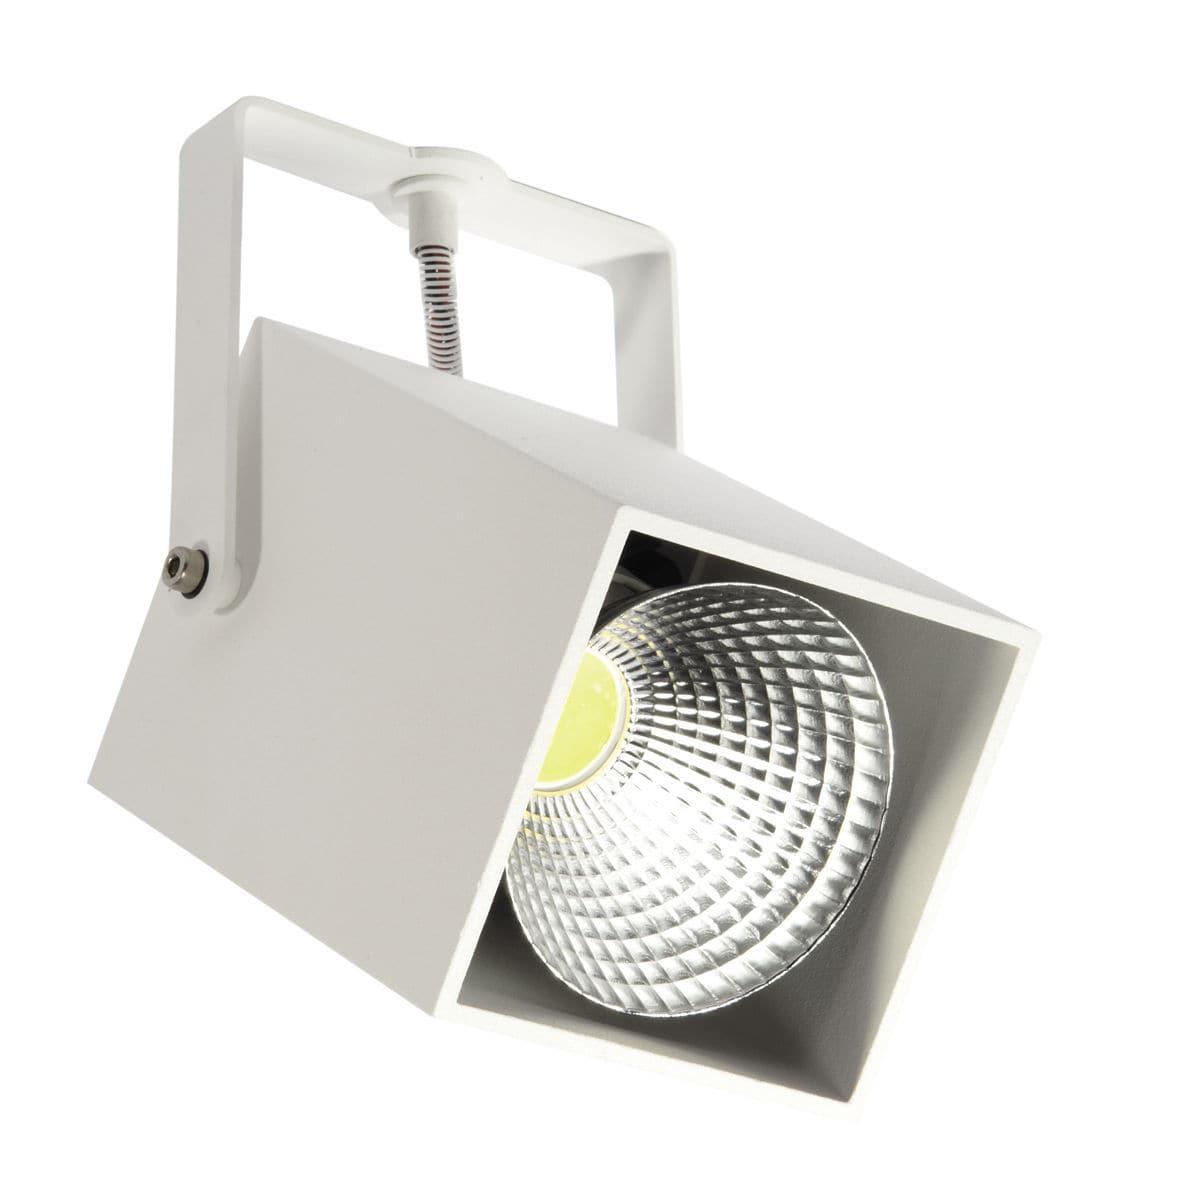 Strahler Für Aufbau Innenraum Wohnzimmer Für Küchen Fixer